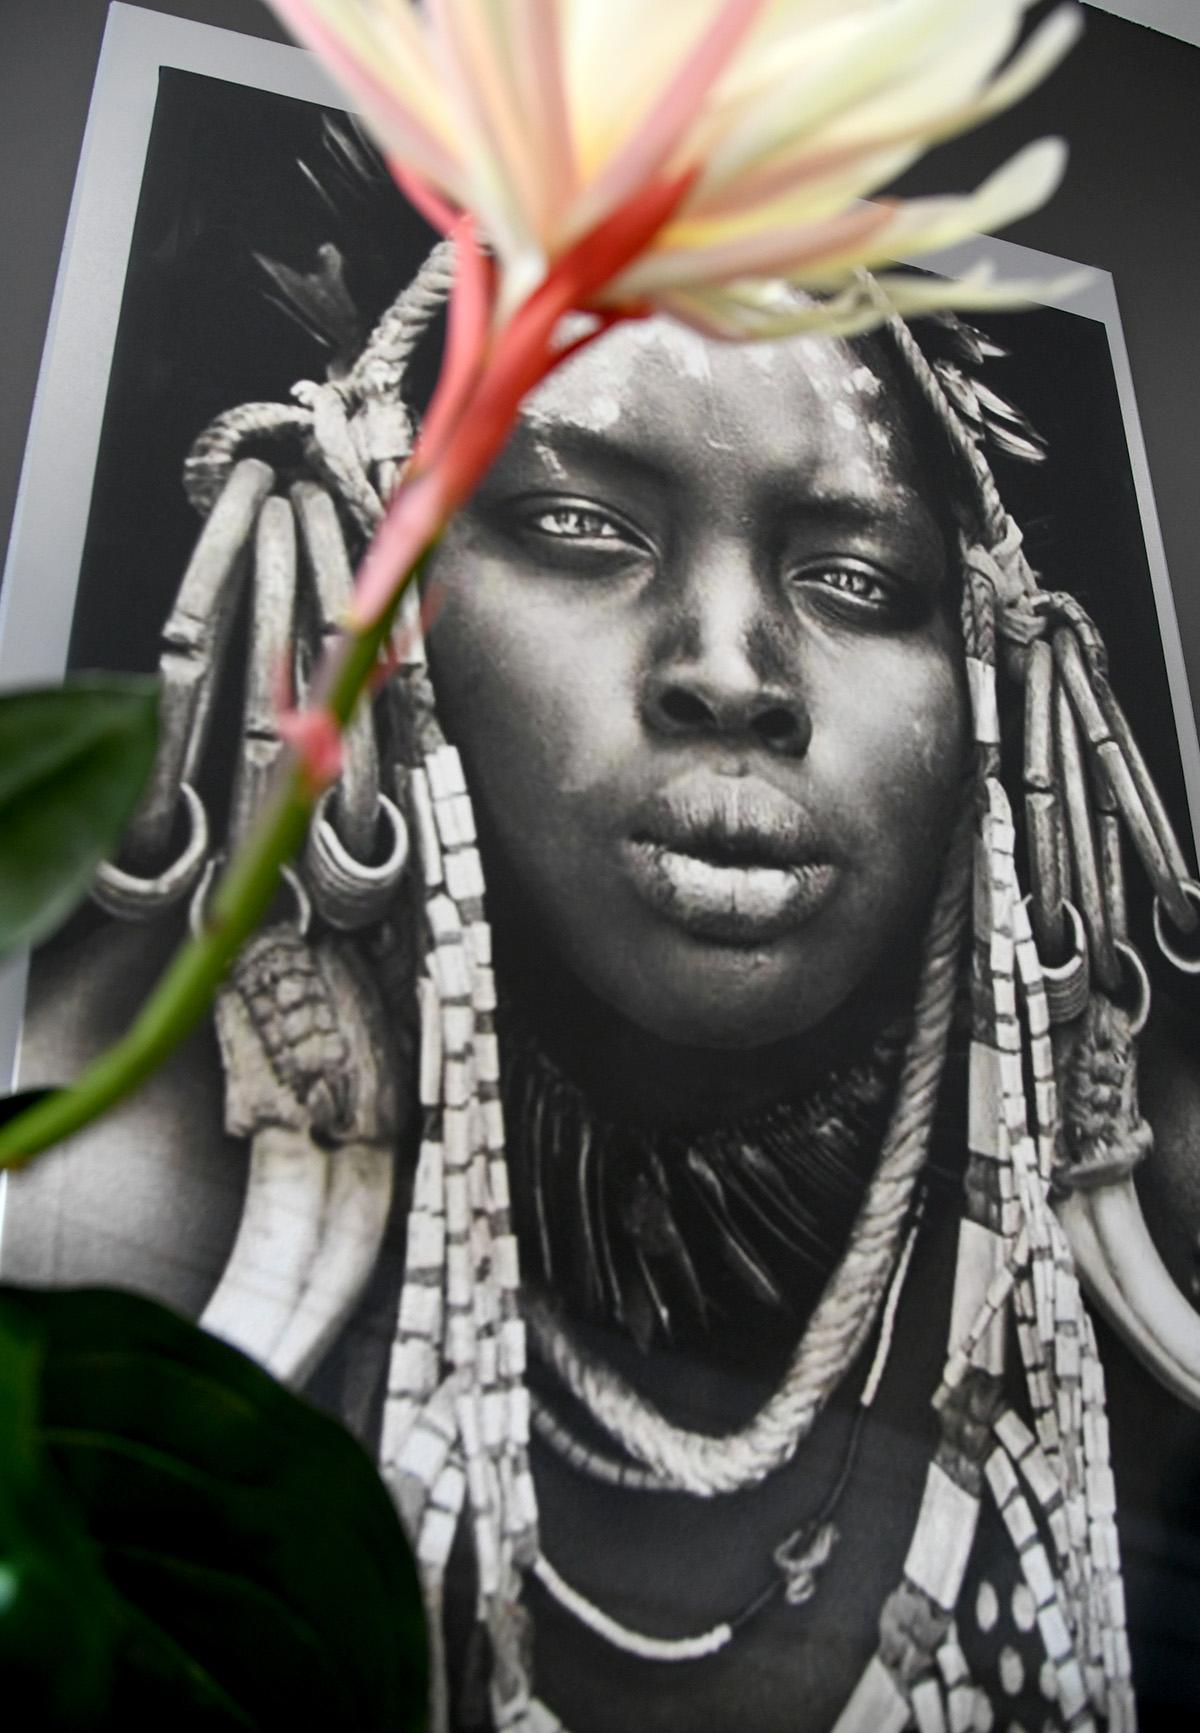 Zakoračite u Chrissart concept store gdje vlada afrički duh!